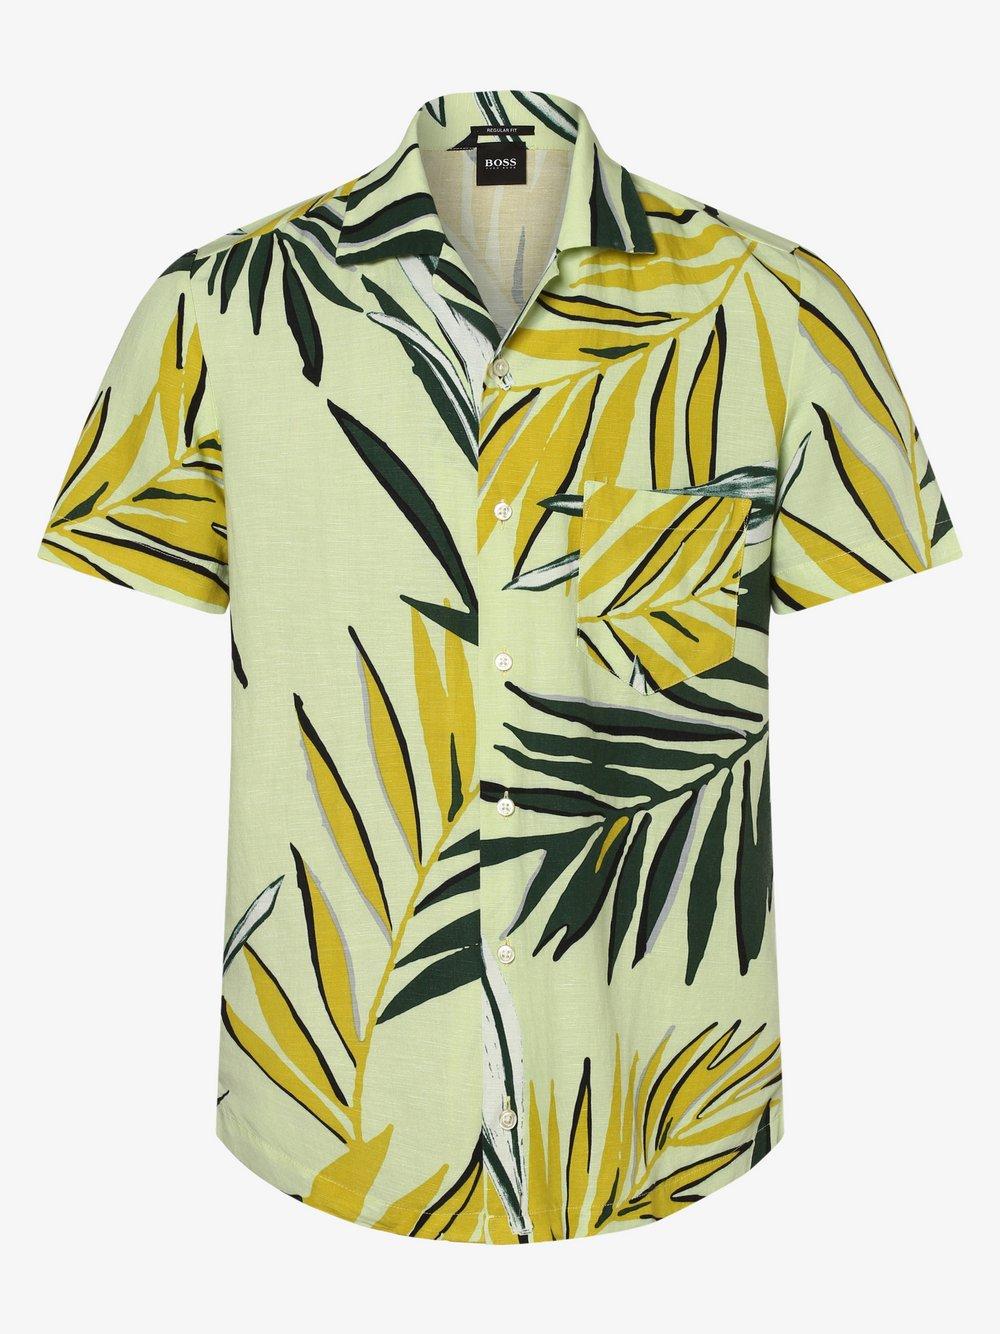 BOSS Casual – Koszula męska – Rhythm, żółty Van Graaf 460306-0001-09900